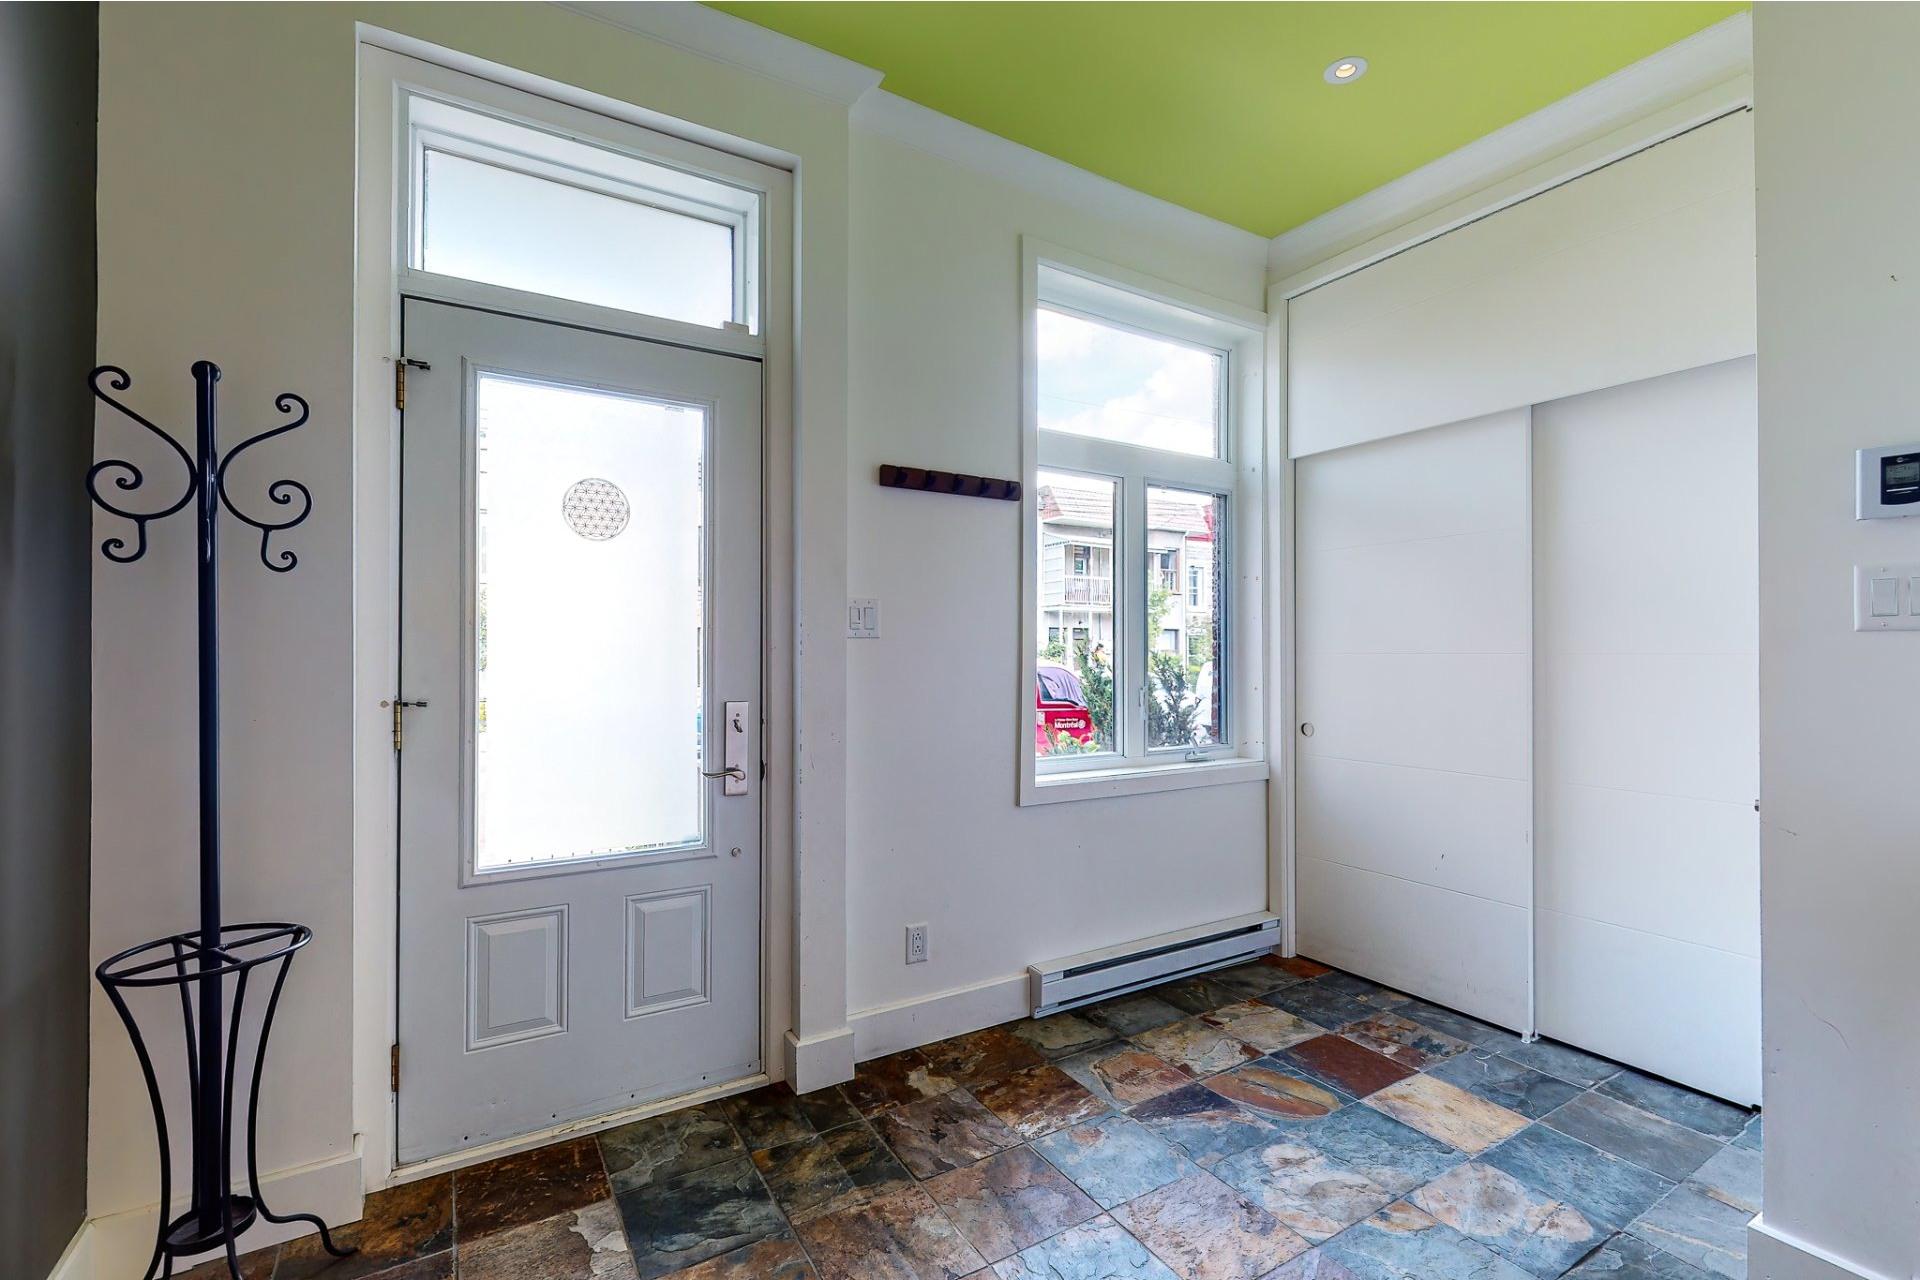 image 2 - House For sale Le Plateau-Mont-Royal Montréal  - 10 rooms